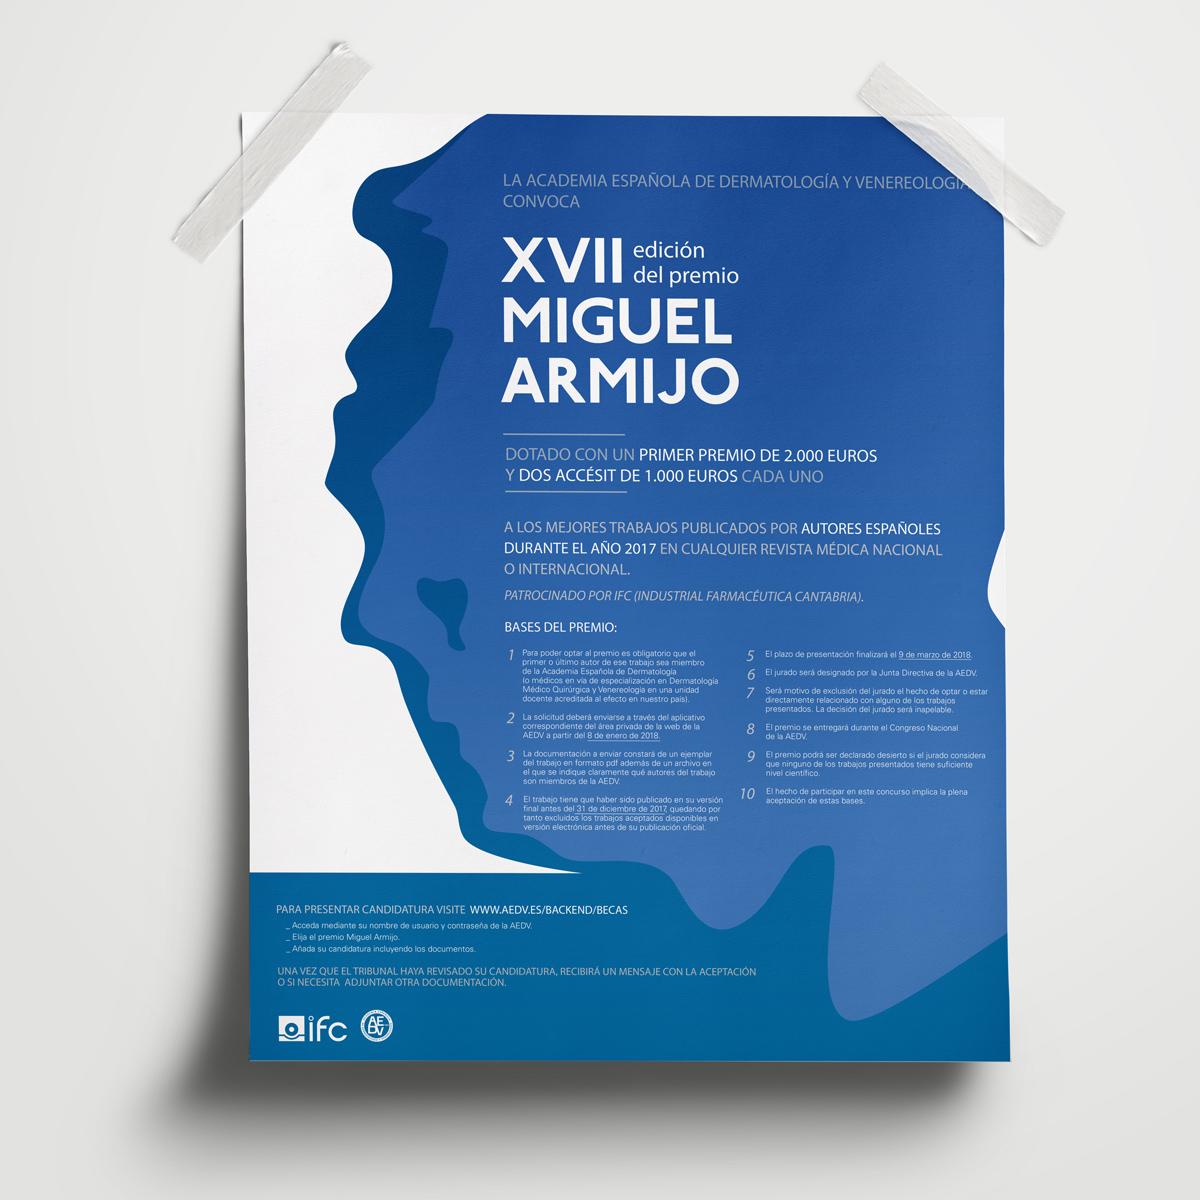 Miguel_Armijo_Cartel_Premio-3